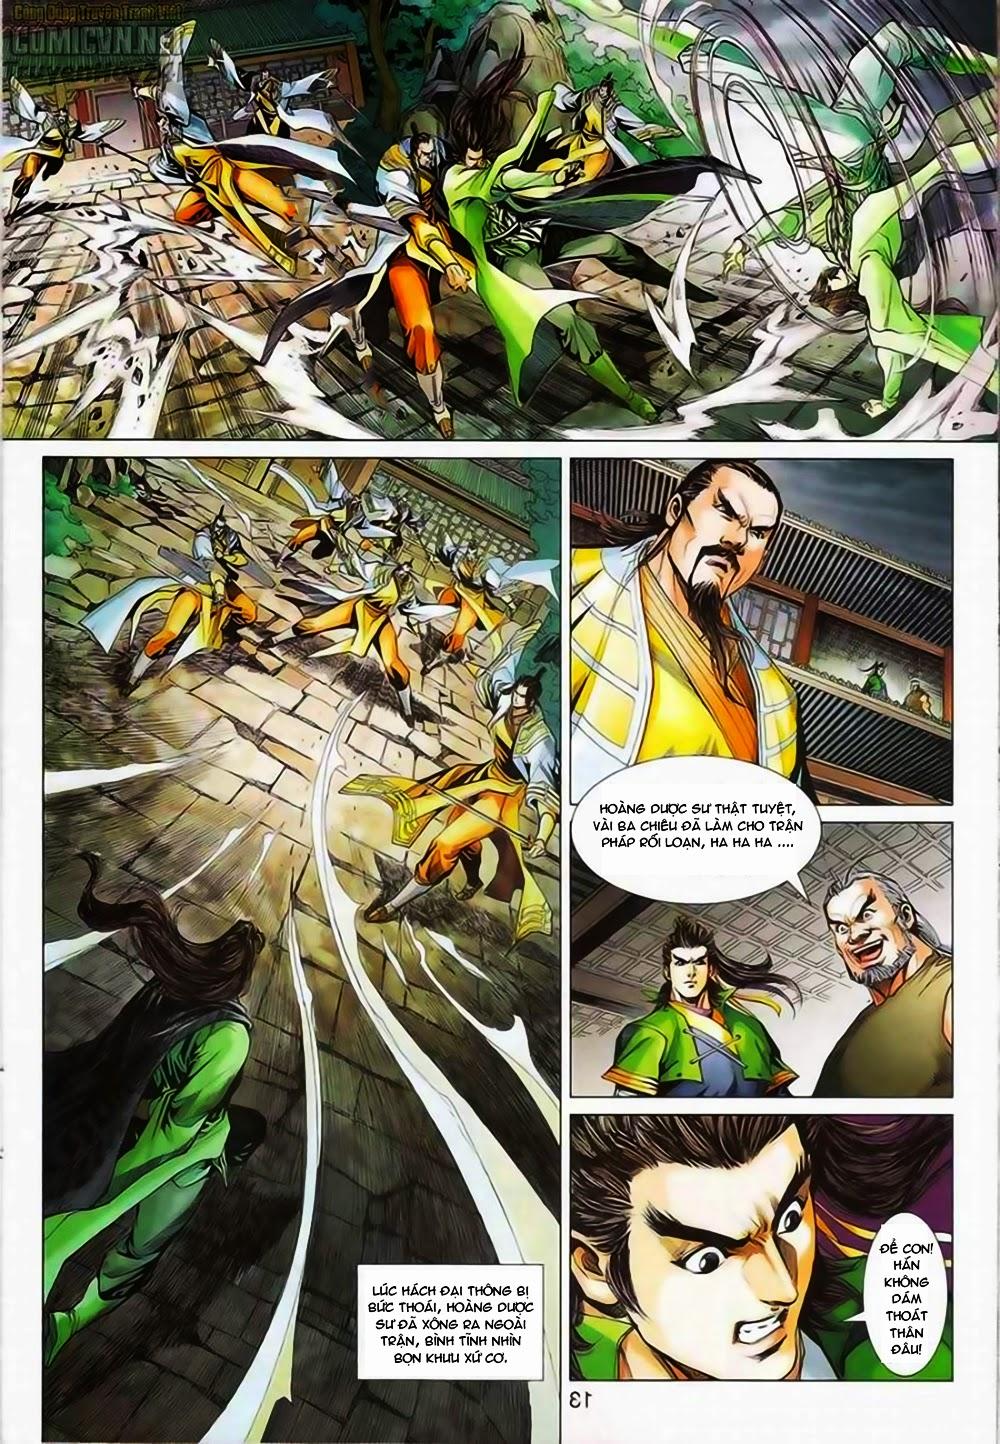 xem truyen moi - Anh Hùng Xạ Điêu - Chapter 86: Phá Bắc Đẩu Trận